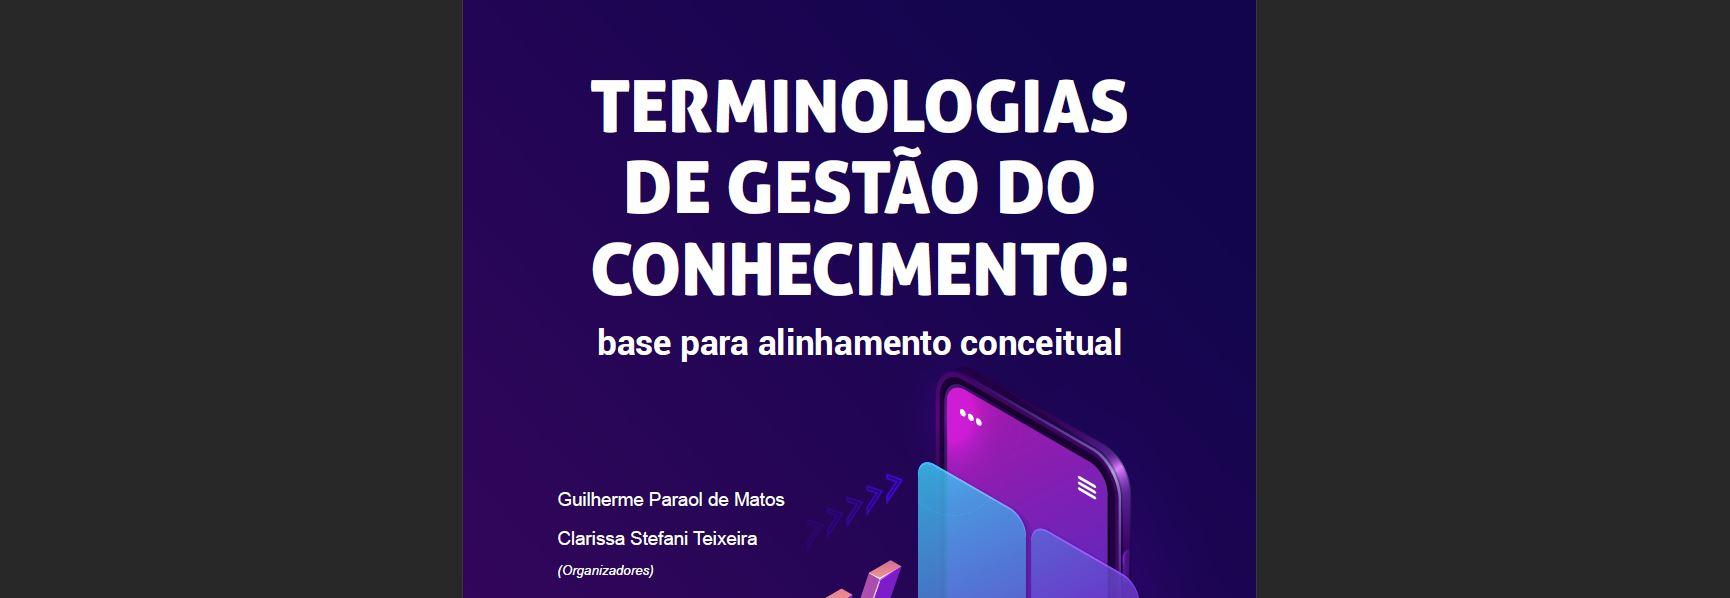 VIA Lança Ebook De Terminologias De Gestão Do Conhecimento